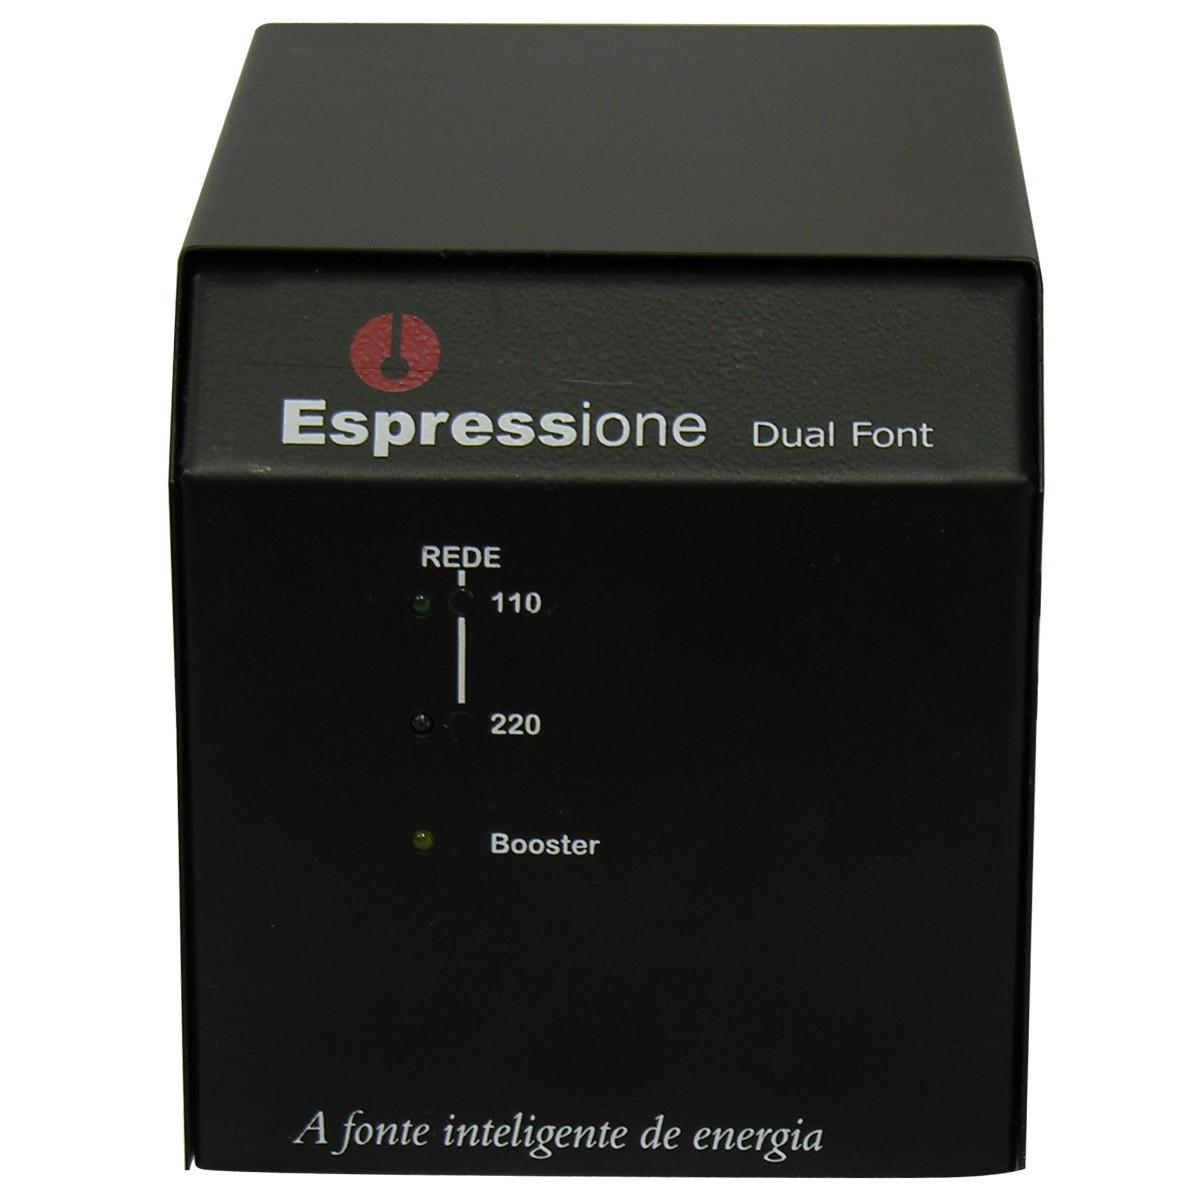 DUAL FONT Espressione 1500w Saida 220V